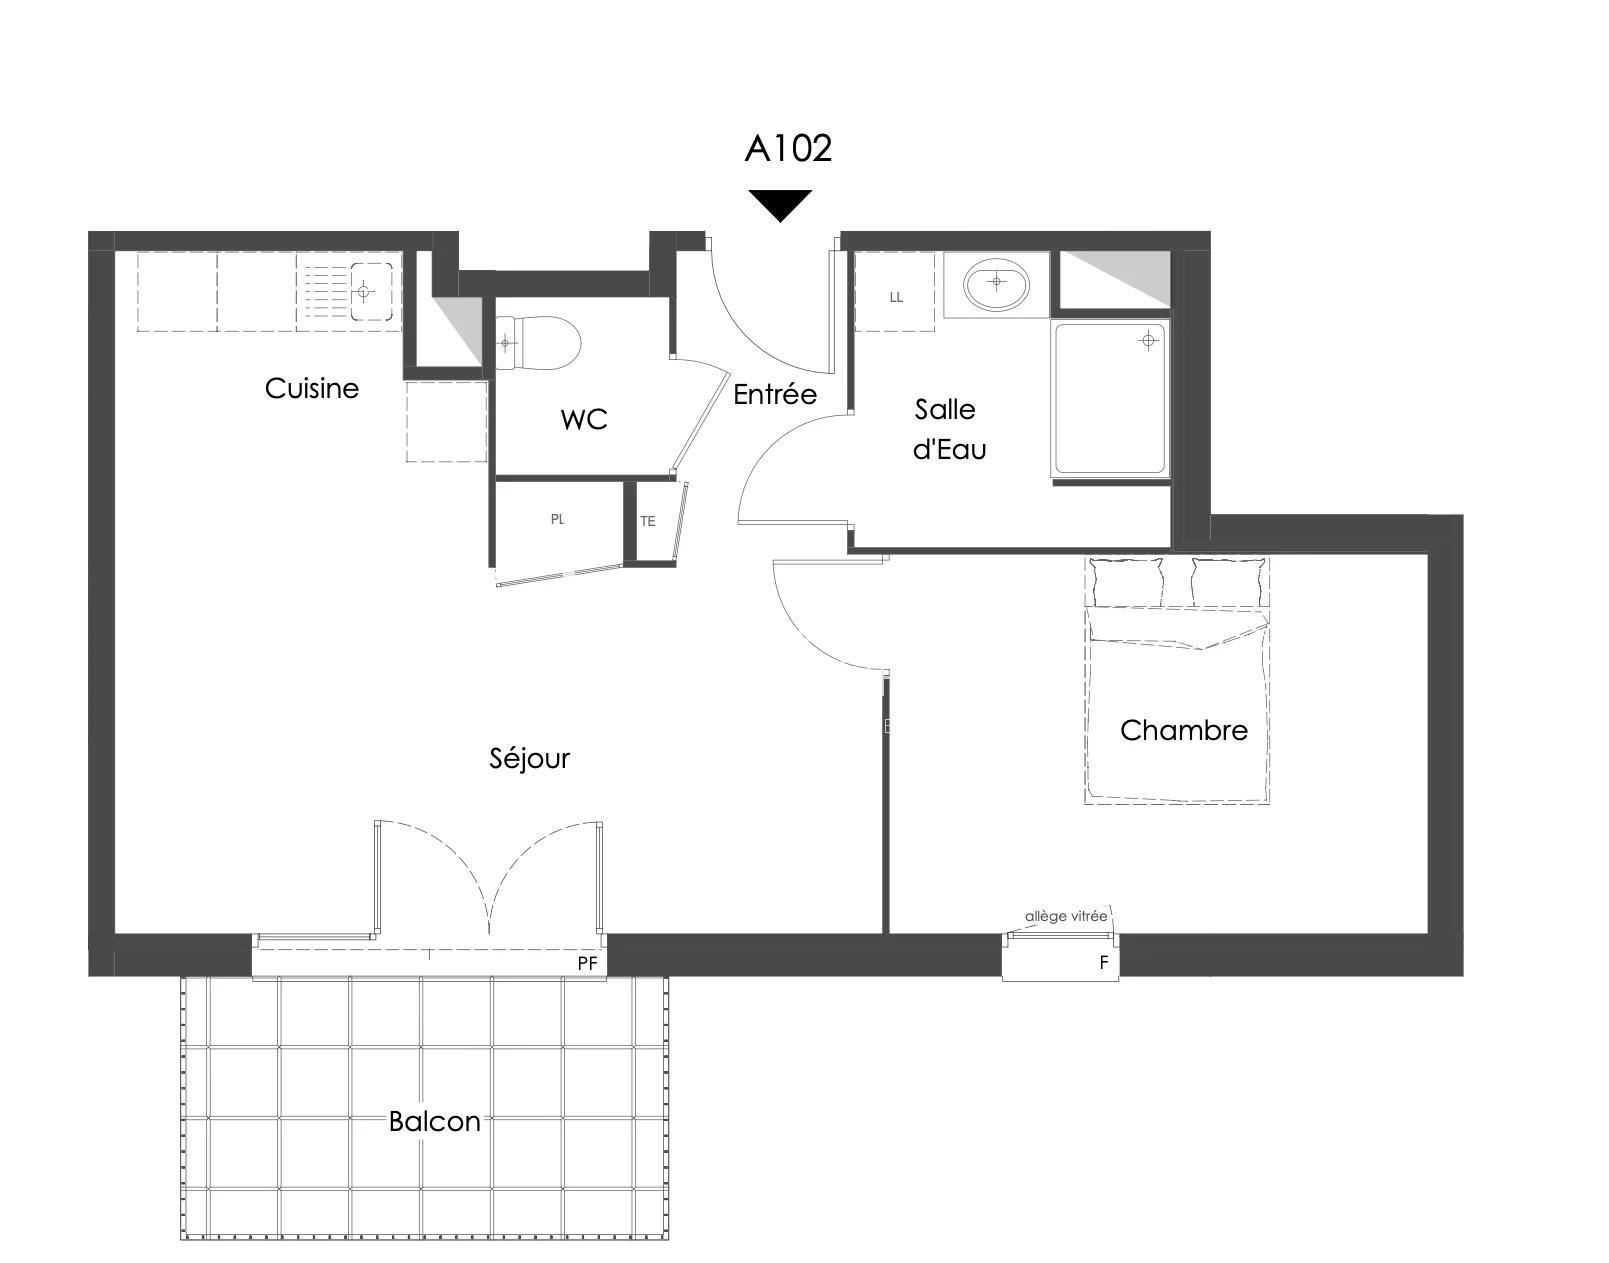 Vente de appartement d'une surface de 44.5 m2